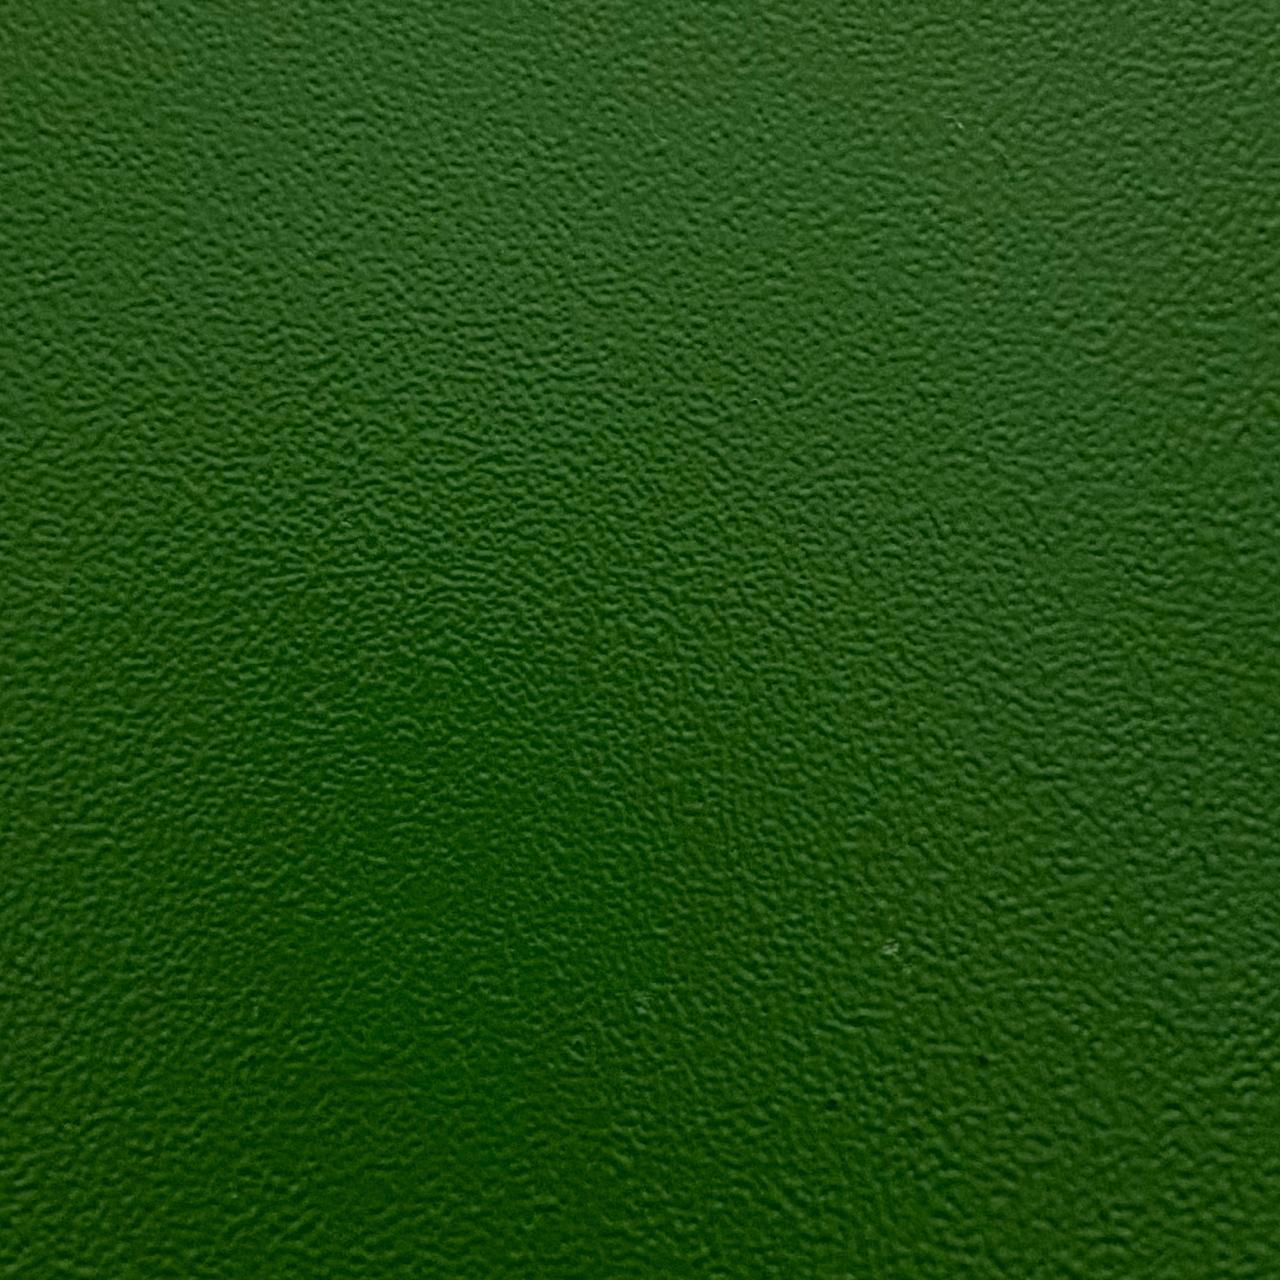 Green May